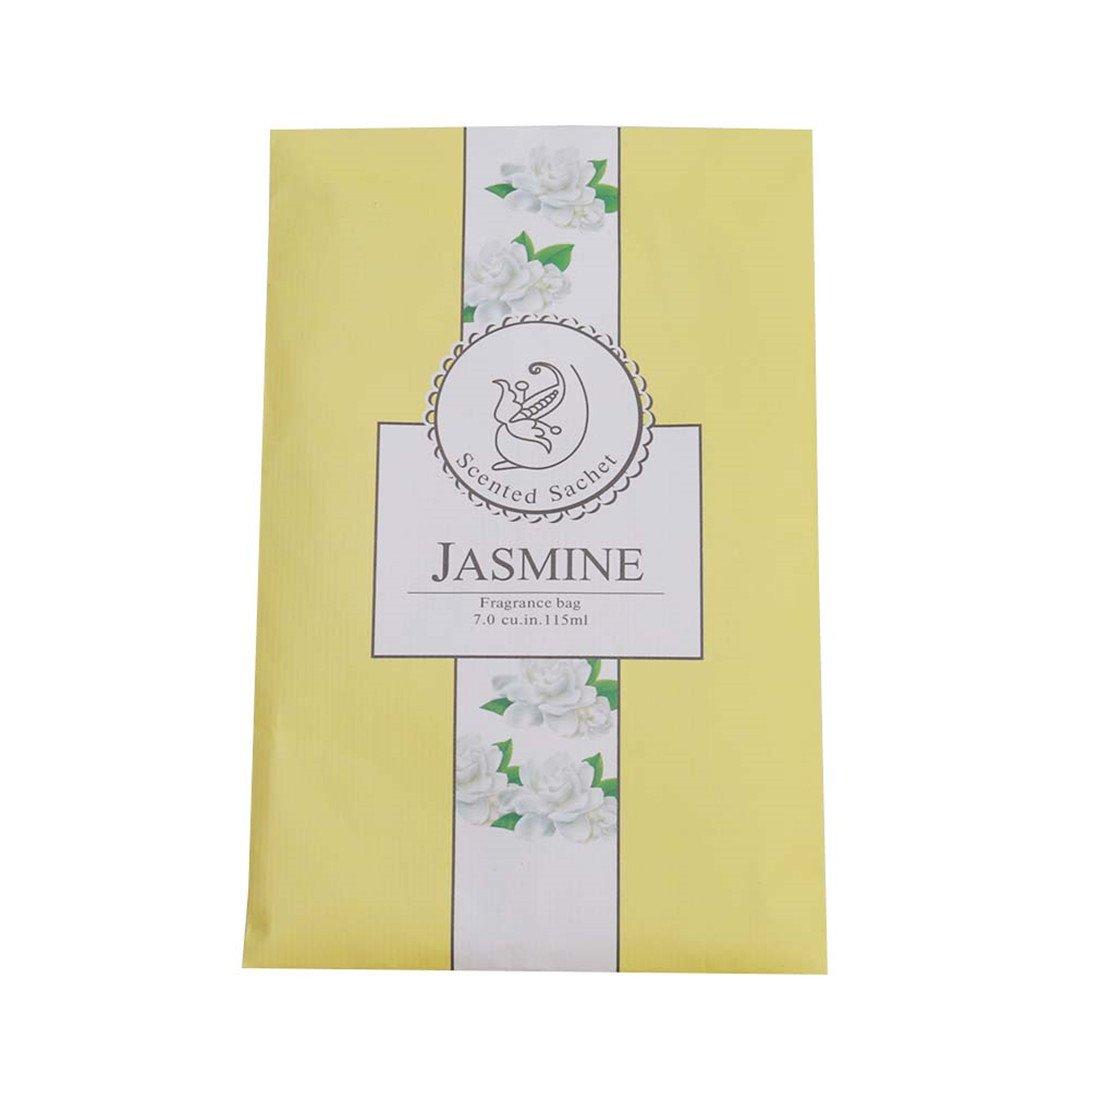 Lalang多機能香りつきHanging SachetスパイスFragranceバッグforクローゼットワードローブ車 B07B4WD4Y7 Yellow Jasmine